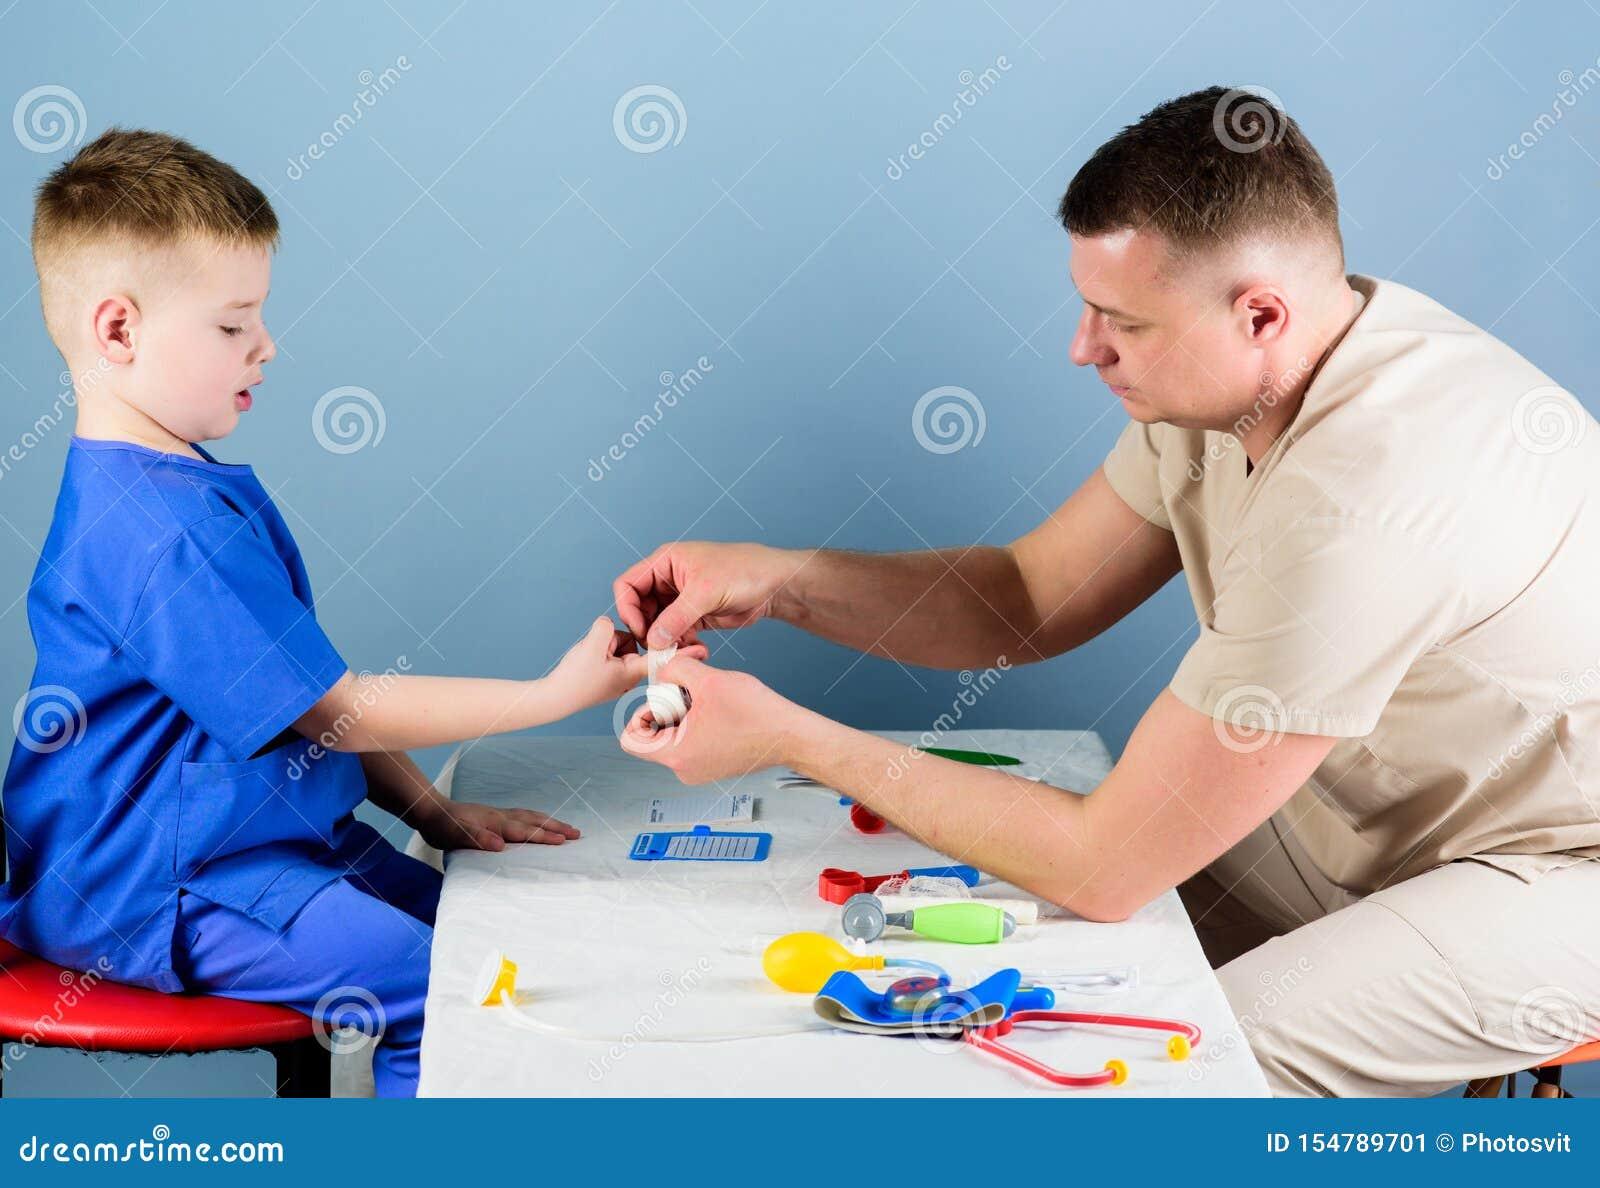 R Ο γιατρός ατόμων κάθεται τα επιτραπέζια ιατρικά εργαλεία εξετάζοντας τον ασθενή μικρών παιδιών Έννοια παιδιάτρων (